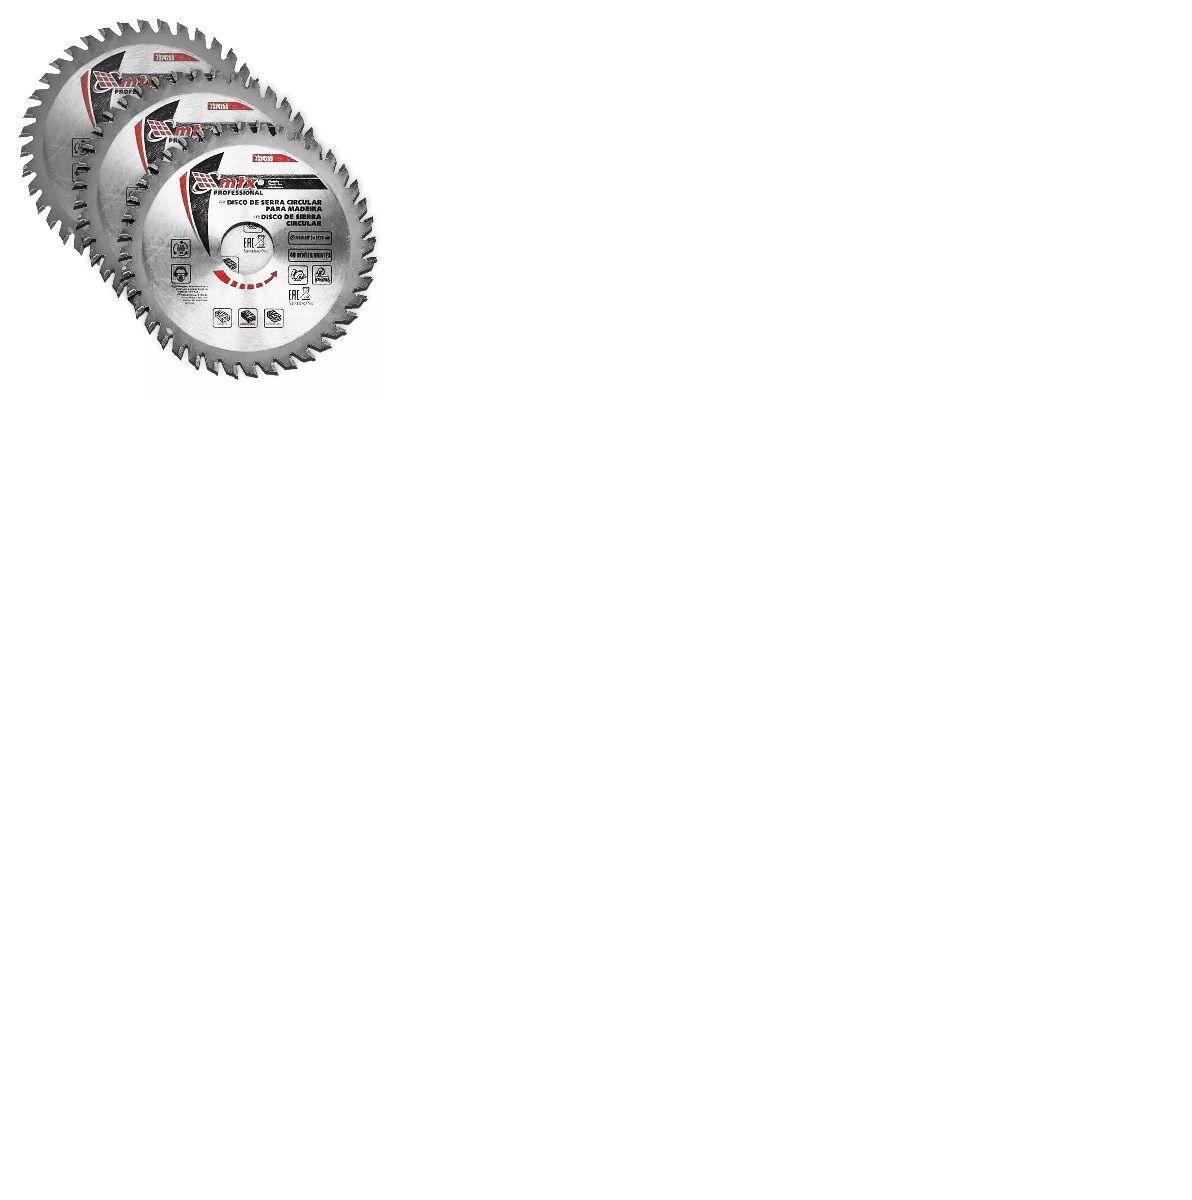 Kit 3 Discos De Serra Circular 40 Dentes Em Widea P/ Madeira